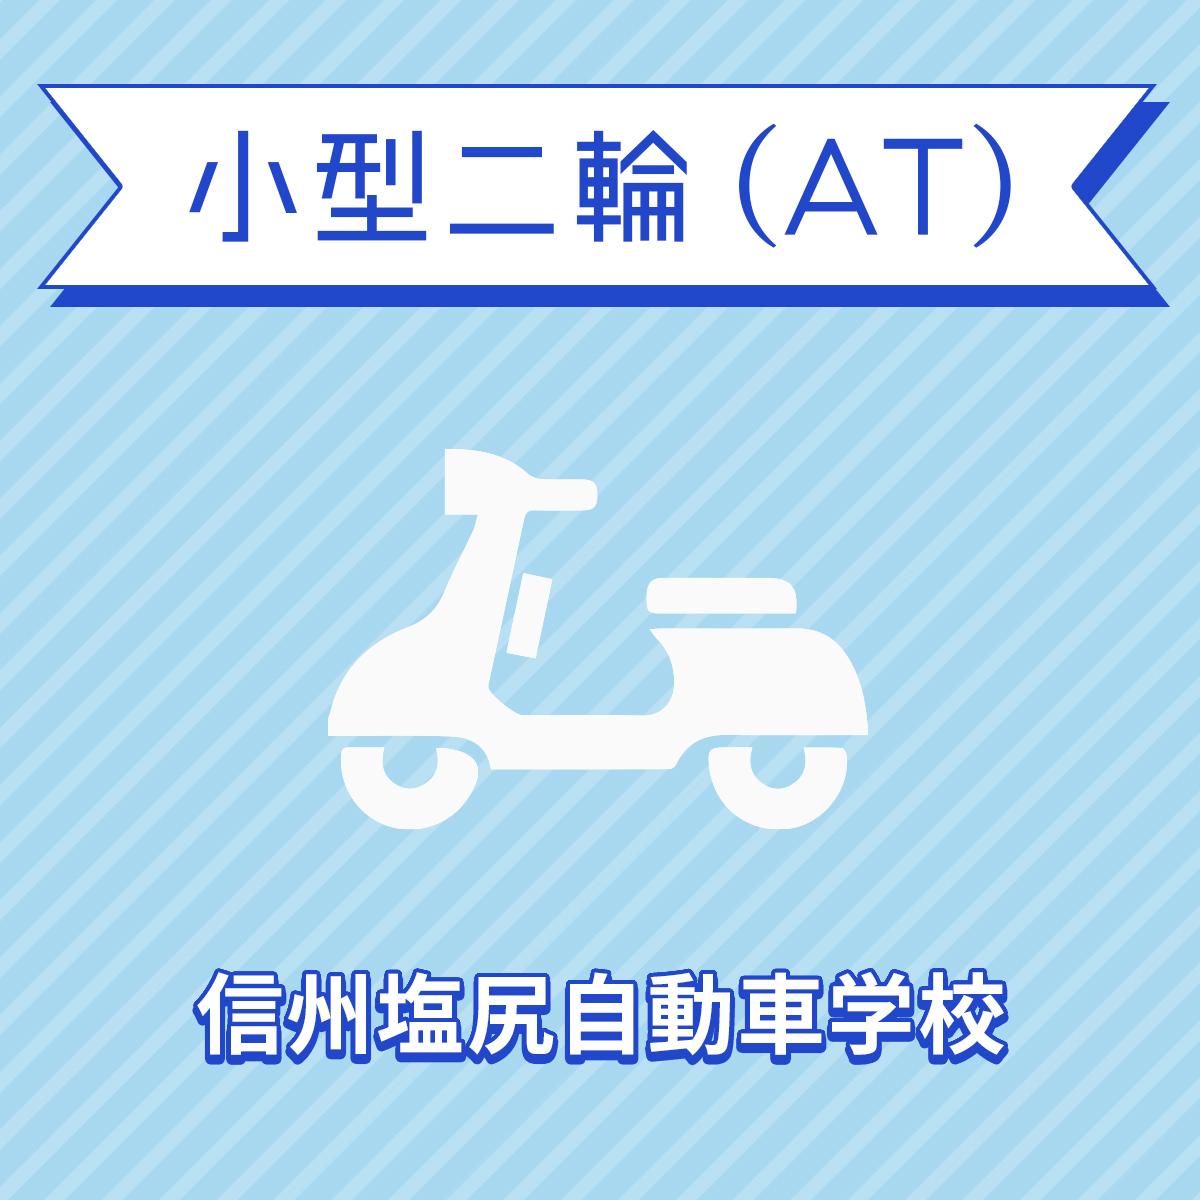 【長野県塩尻市】小型二輪ATコース<免許なし/原付免許所持対象>